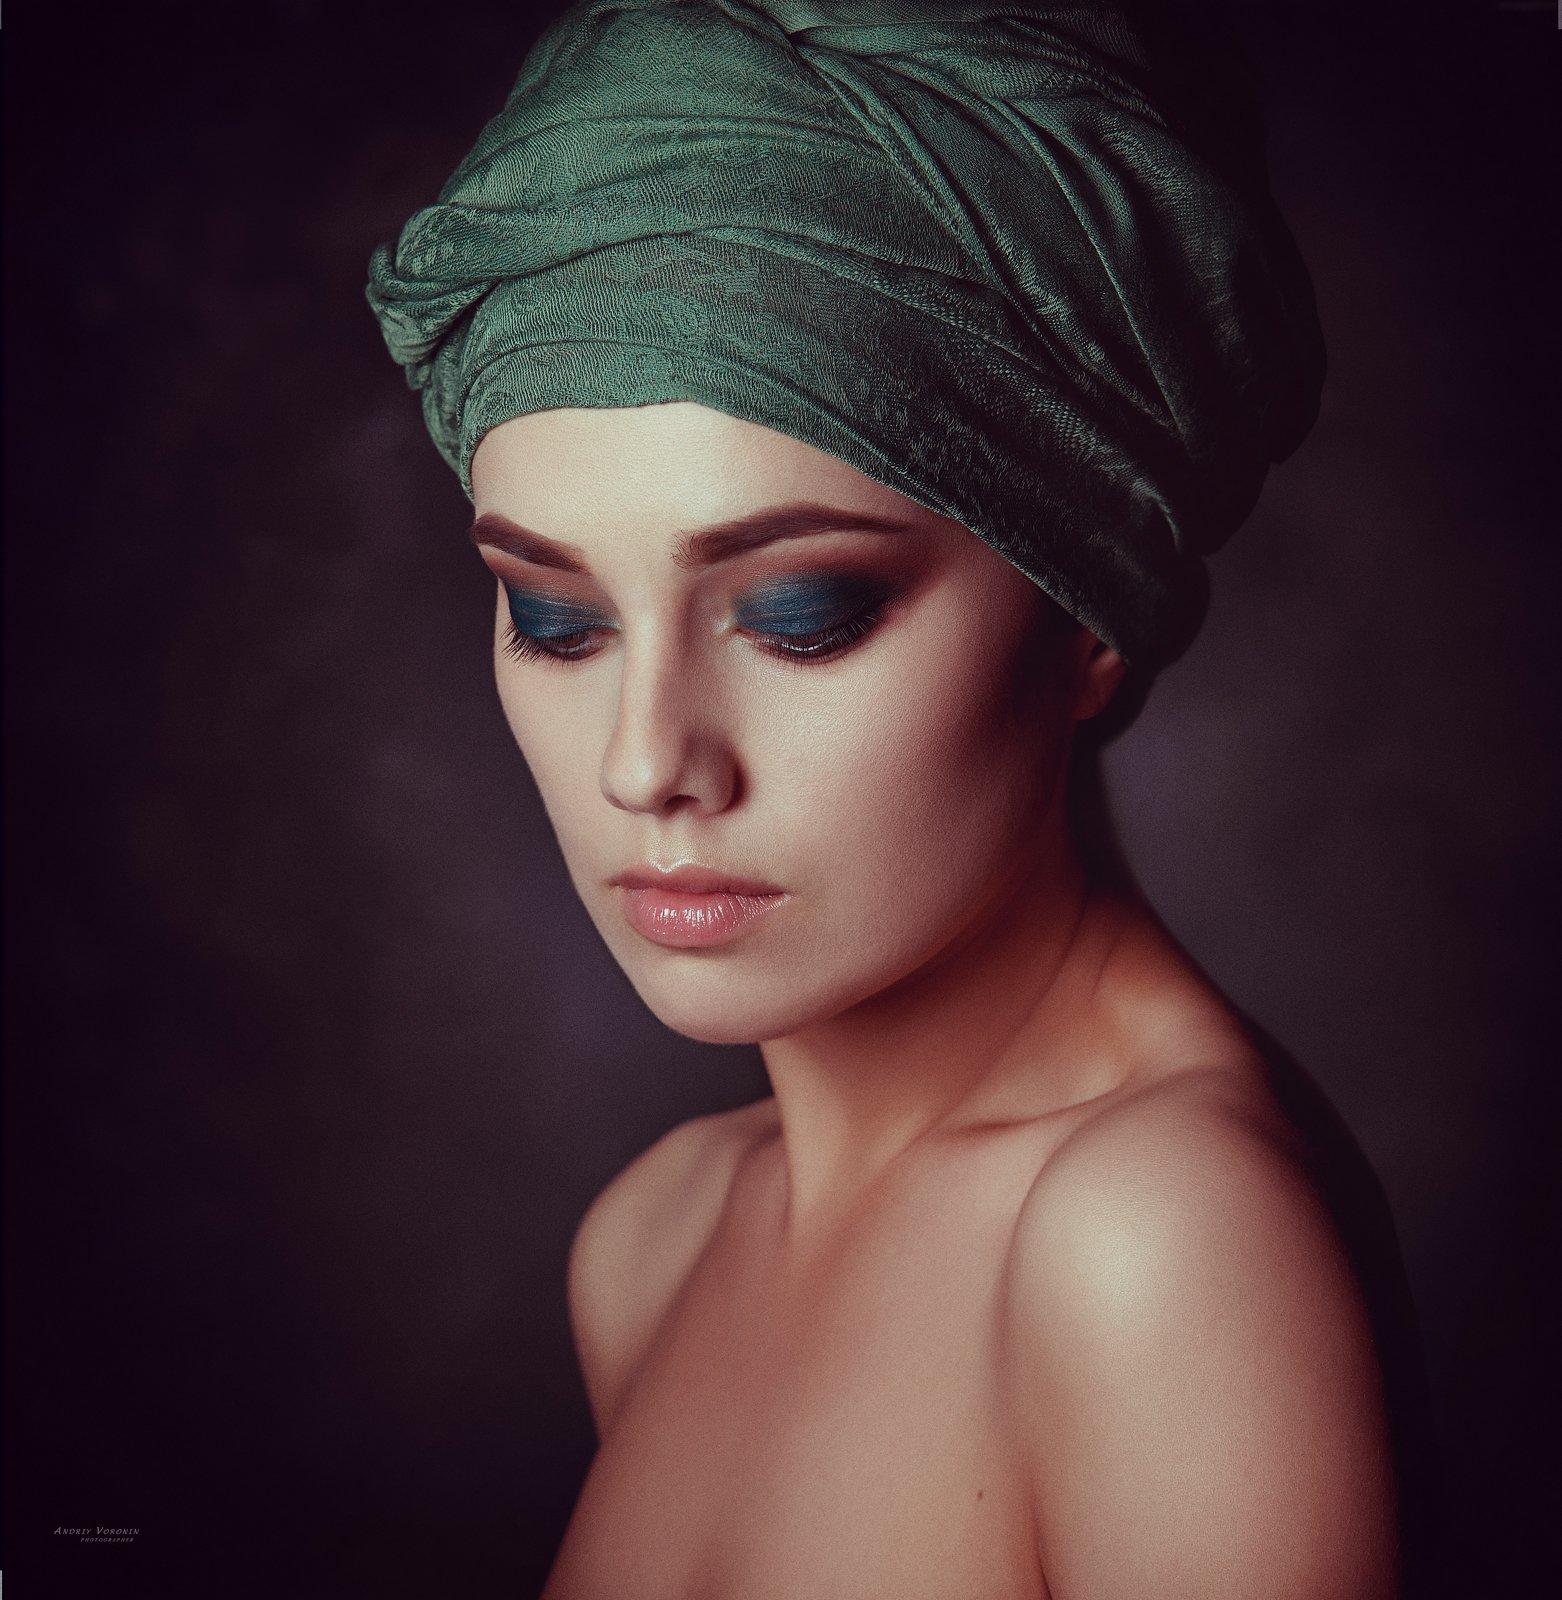 портрет,девушка,макияж,глаза,студия,, Воронин Андрей